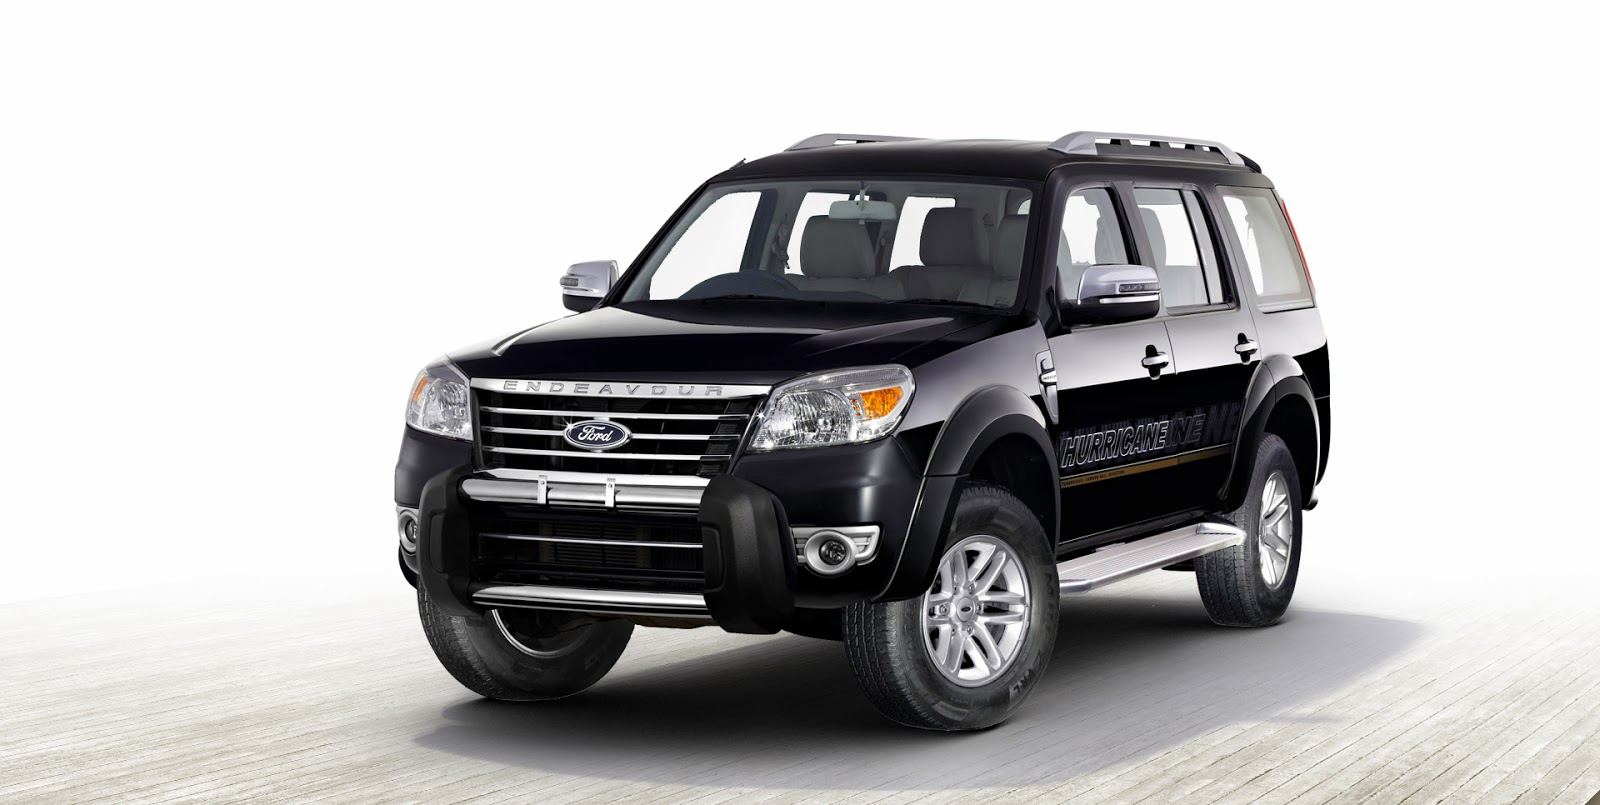 Harbhajan's Ford Endevour